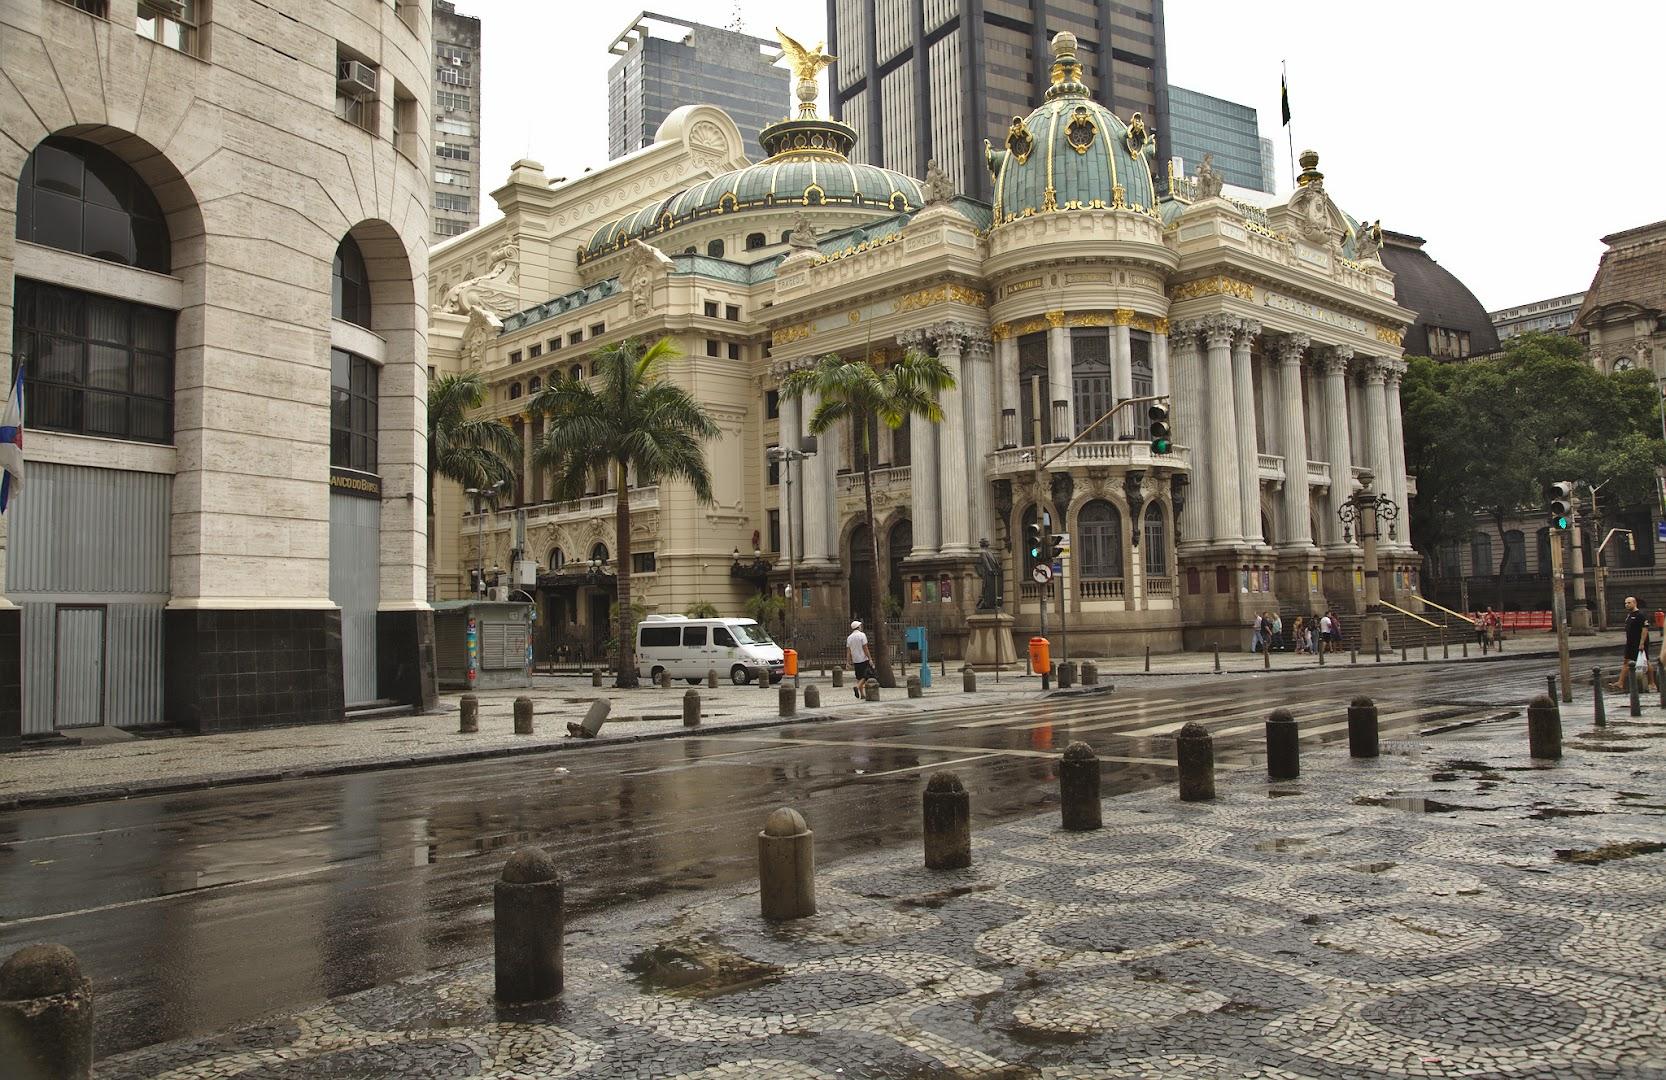 The main theatre